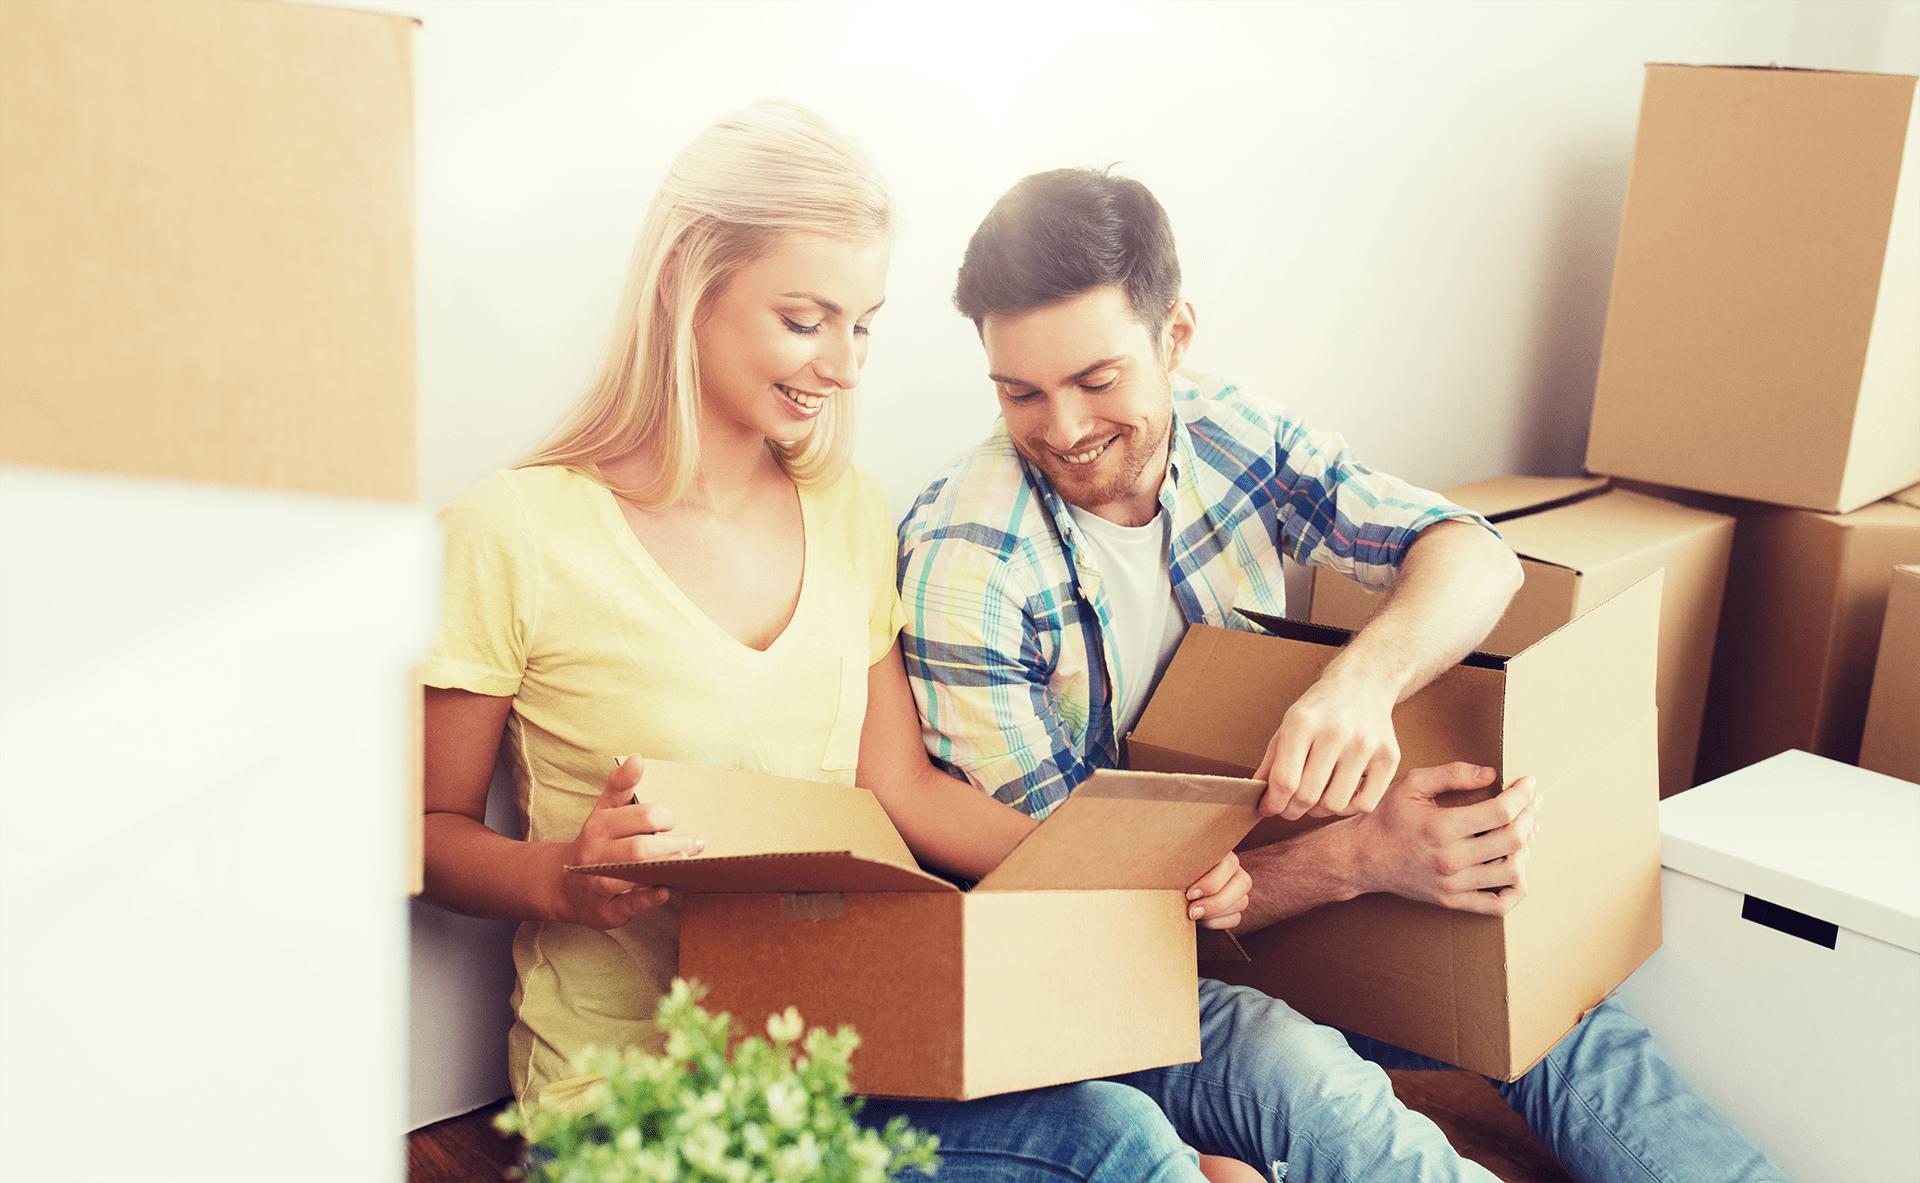 Prevozi - selitev hiš, stanovanja, vikendov, garaž - kompletne selitve - 1573861262